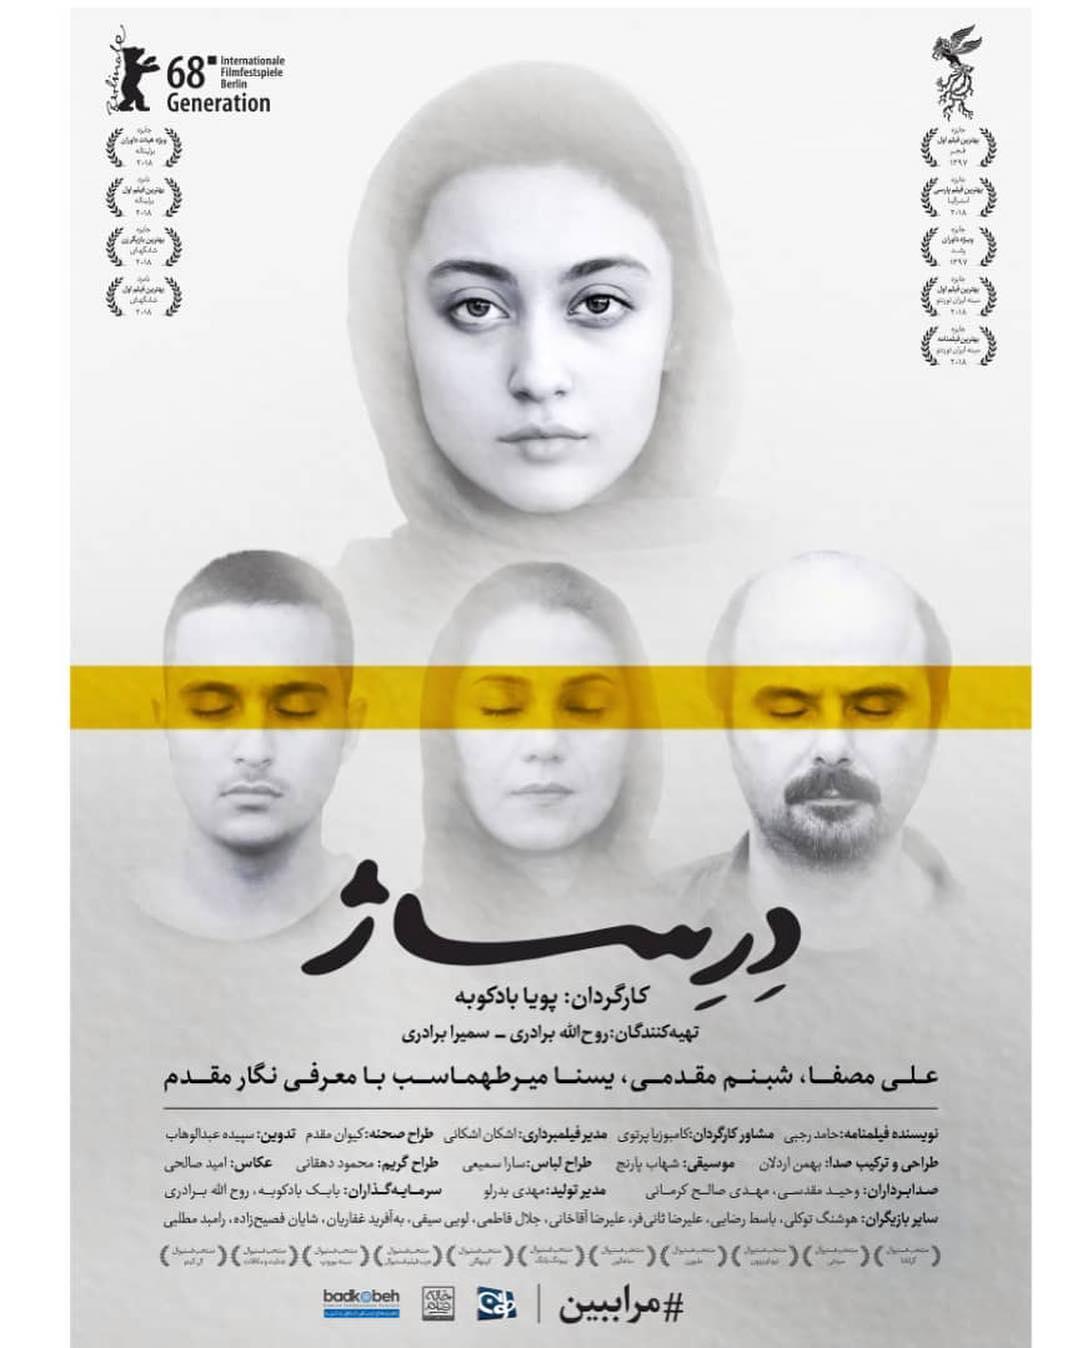 فیلم سینمایی درساژ